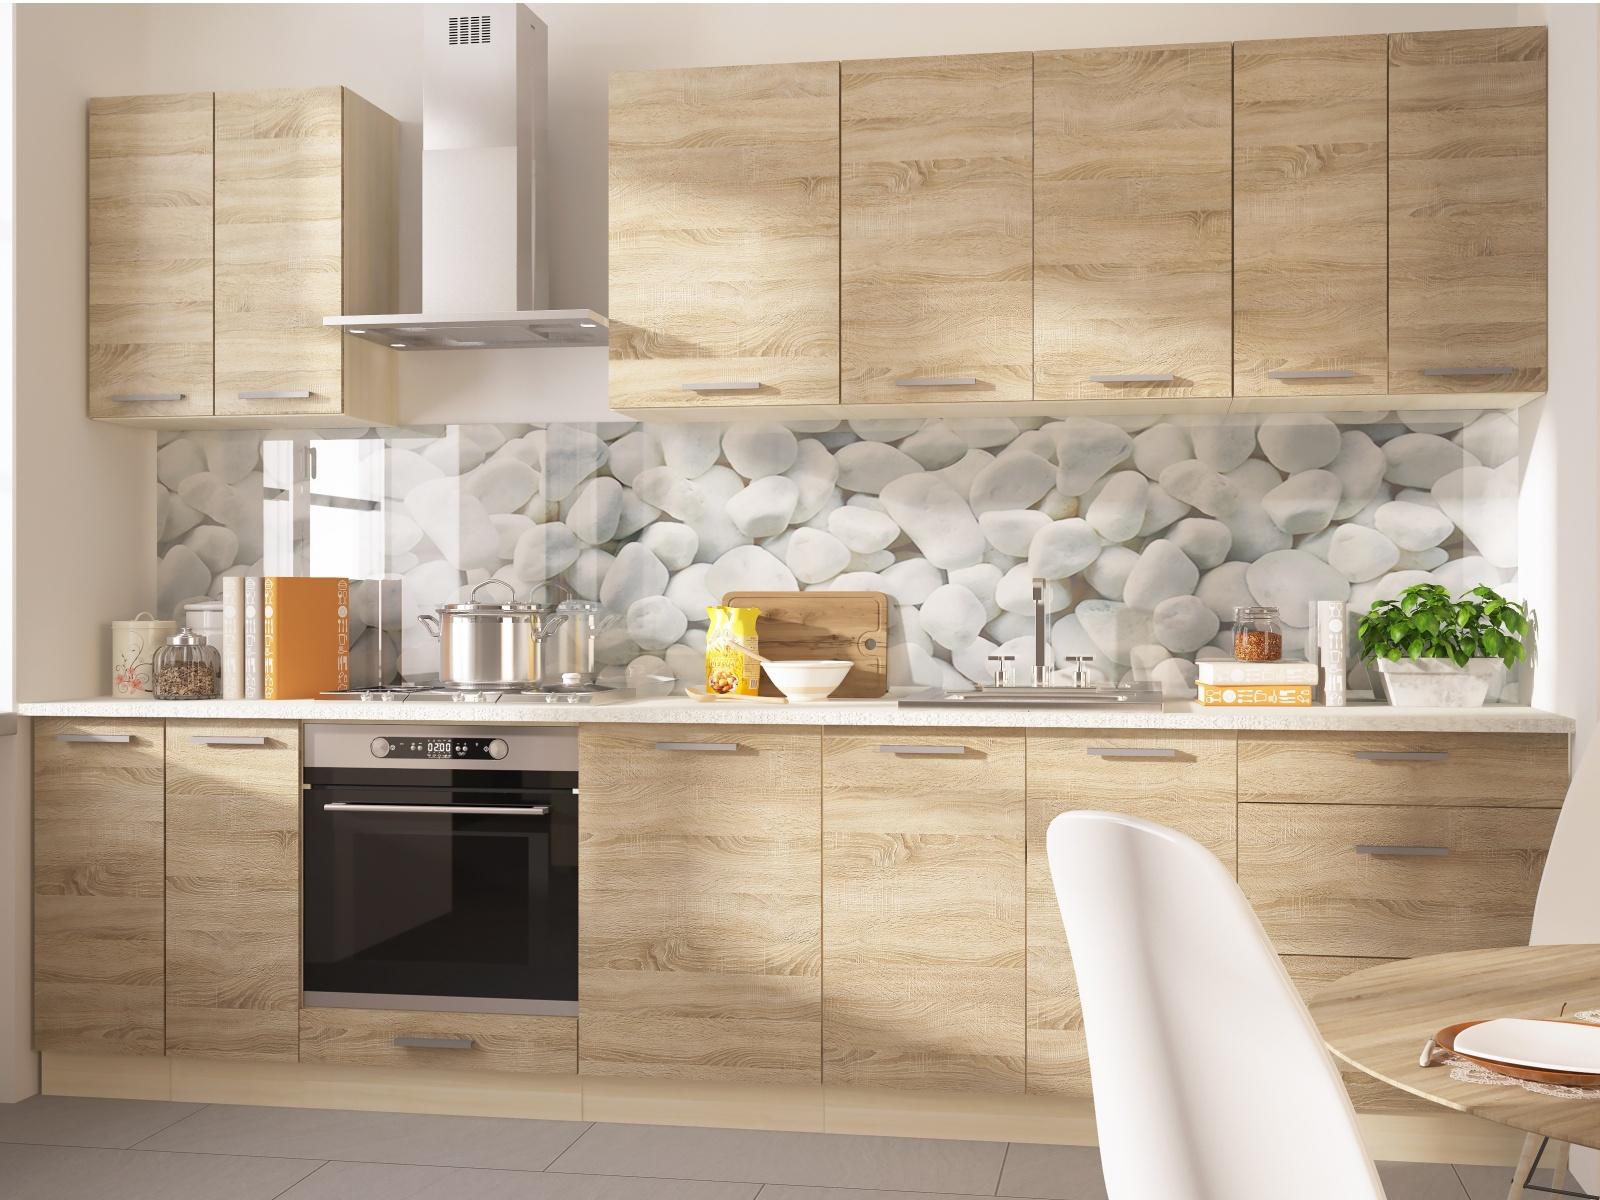 Extom Kuchyně SILVER+ 310/250 cm, korpus: jersey, barva: sonoma